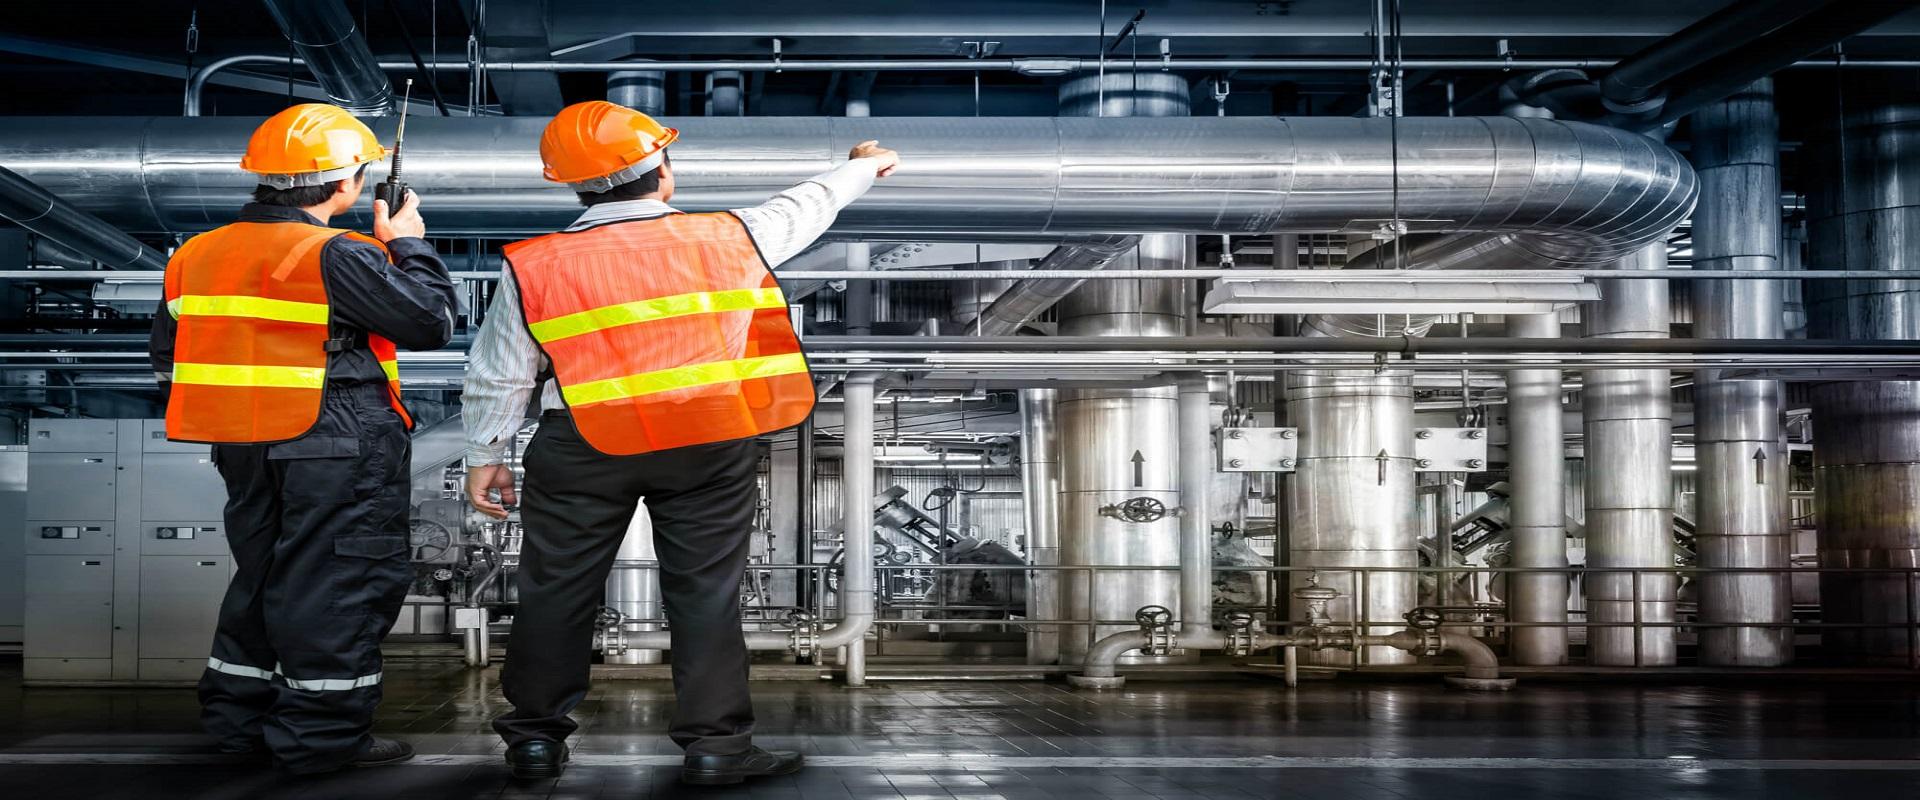 استقرار سیستم مدیریت ایمنی فرآیند (PSM)